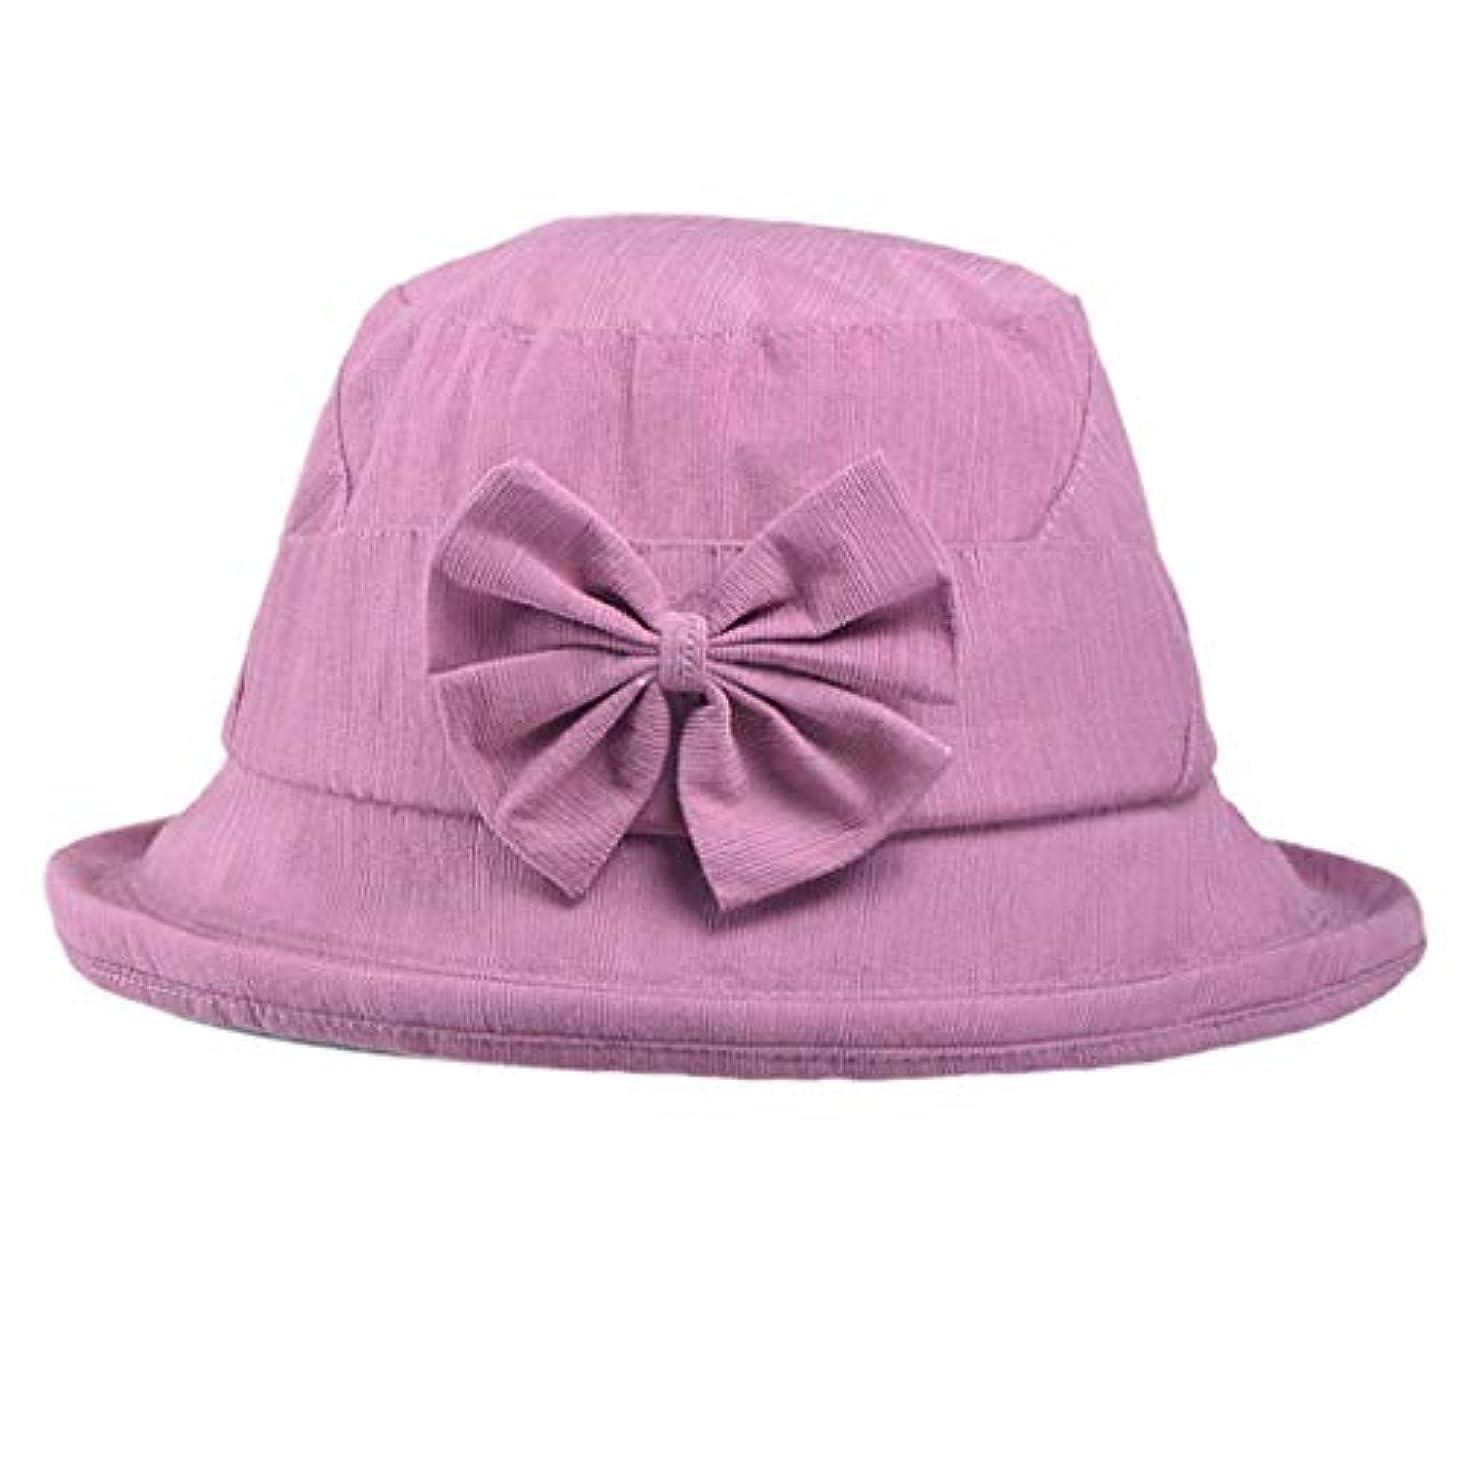 必要とするすずめ極めてファッション小物 夏 帽子 レディース UVカット 帽子 アウトドア 夏 春 UVカット 帽子 蝶結び 漁師帽 日焼け防止 つば広 無地 ハット レディース 女性 紫外線対策 大きいサイズ 夏季 ビーチ ROSE ROMAN